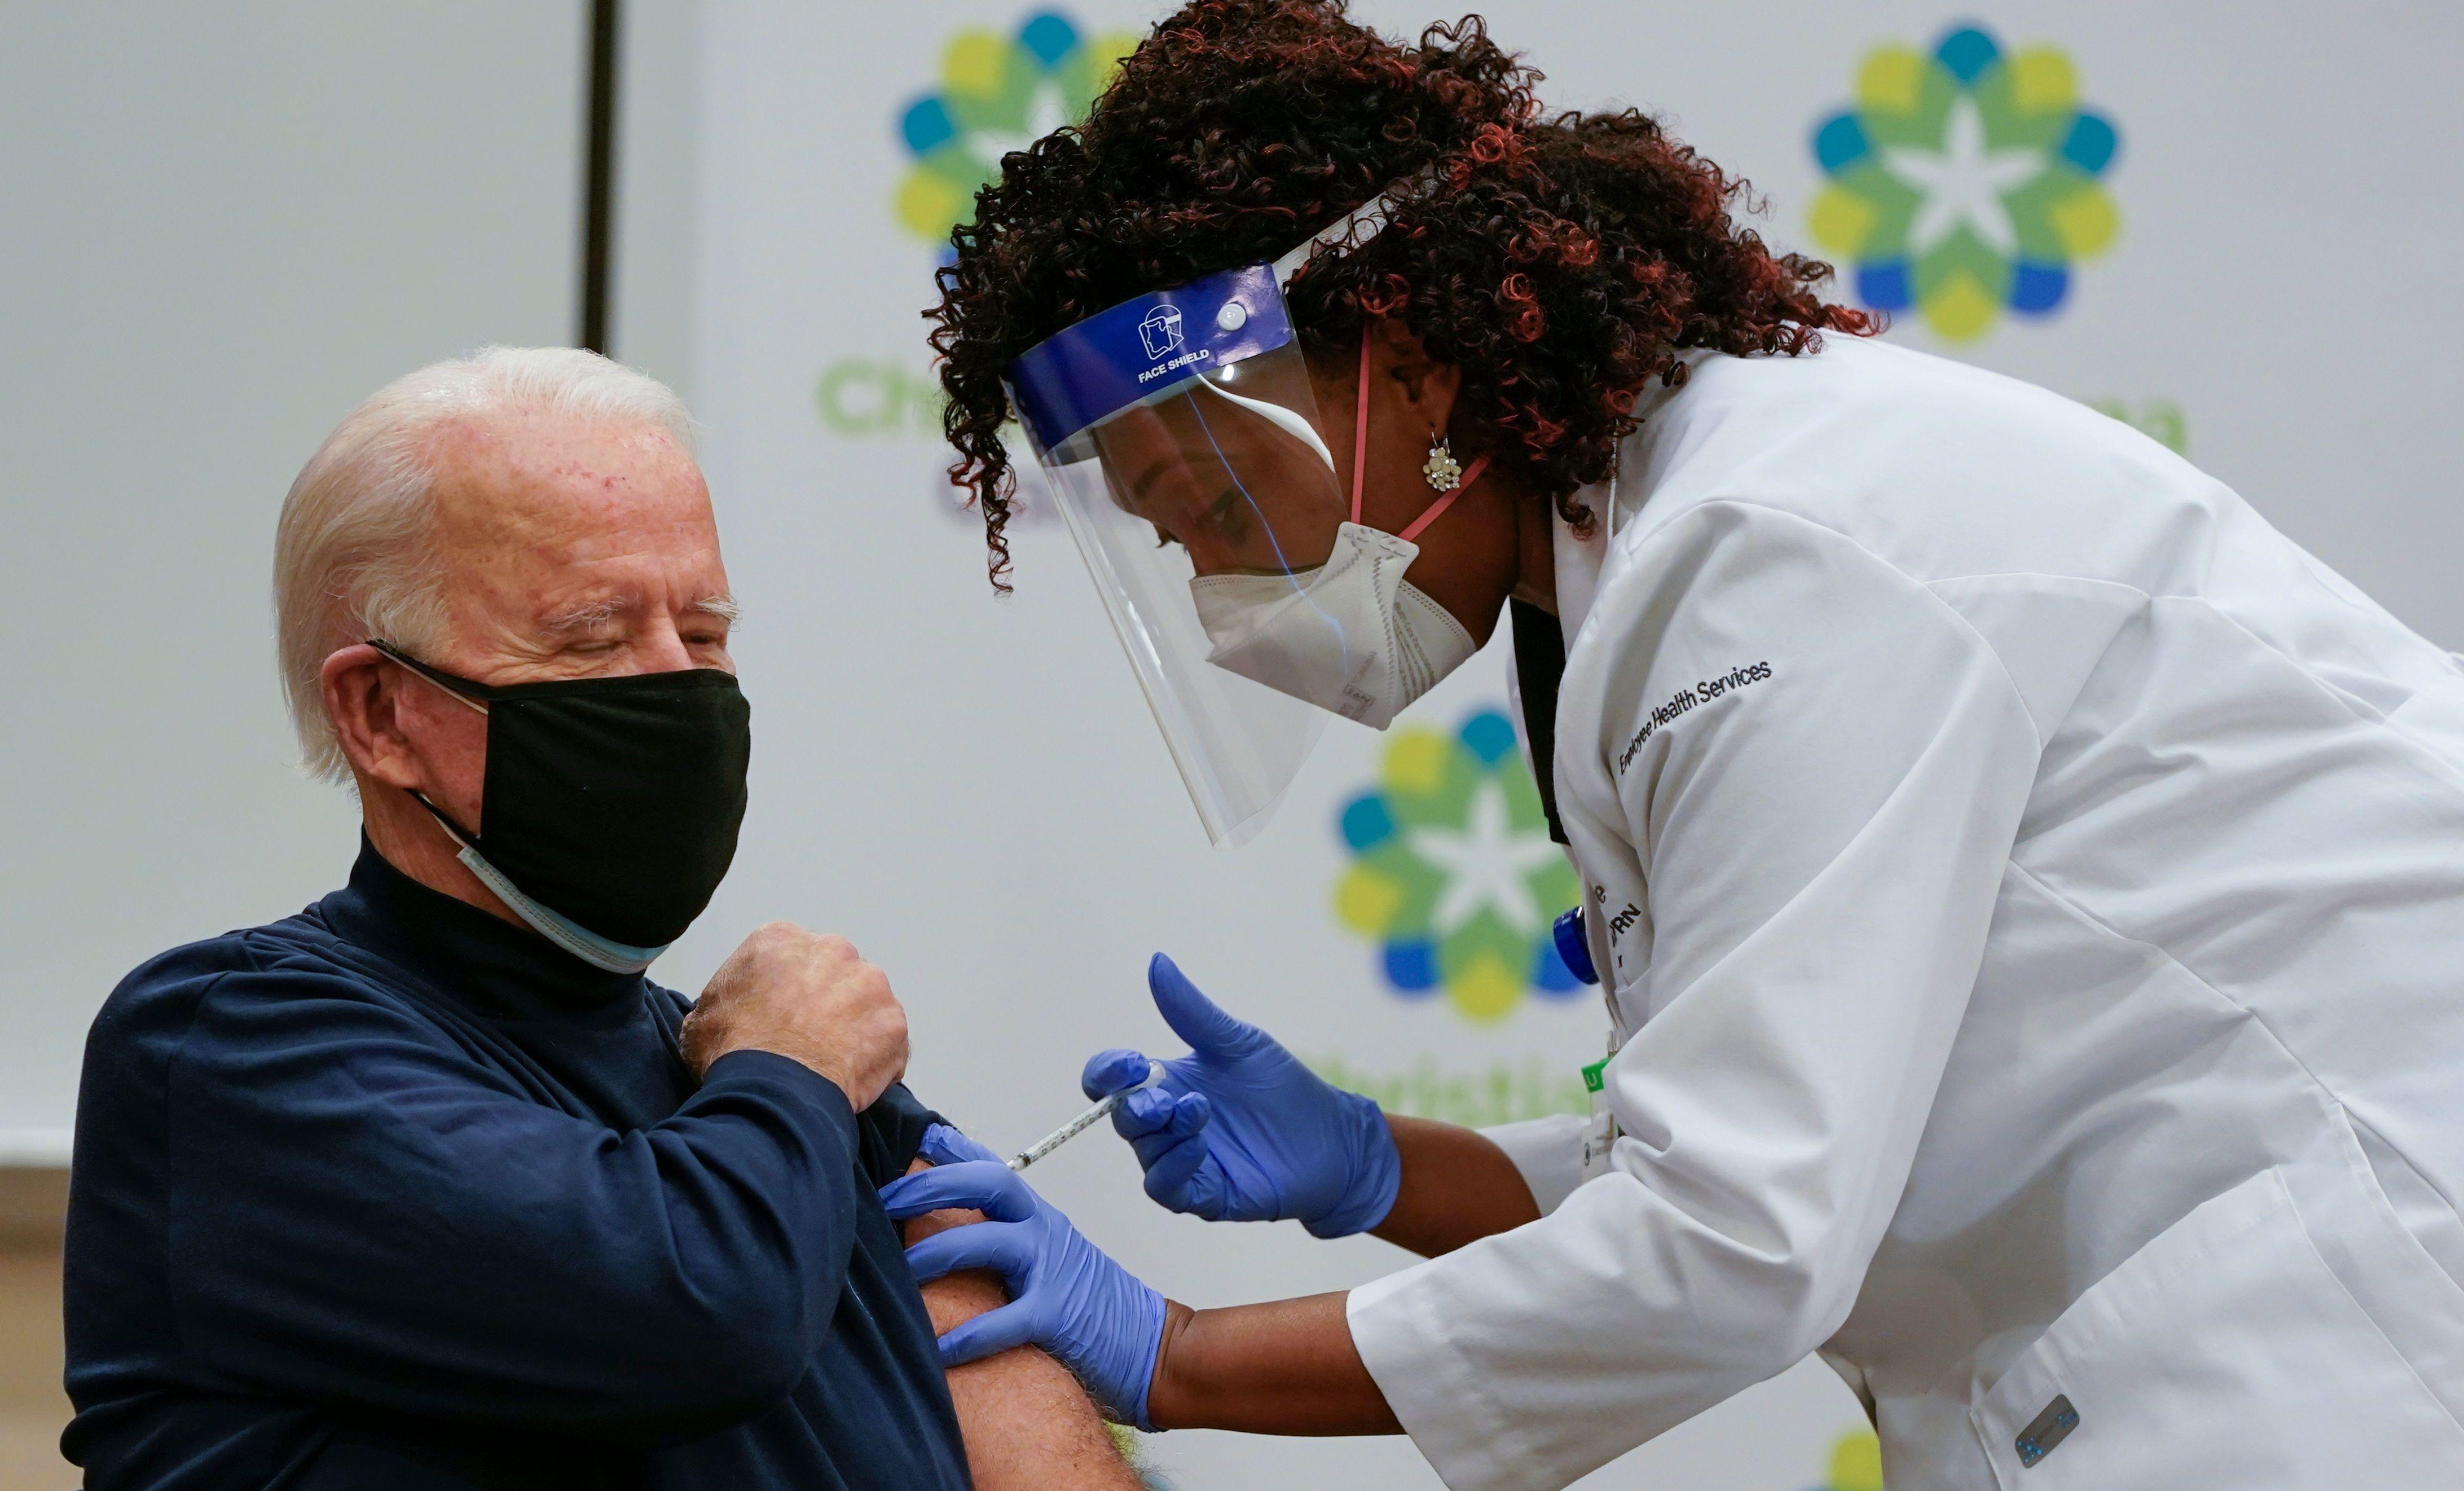 واکسن کرونا جو بایدن اوبر